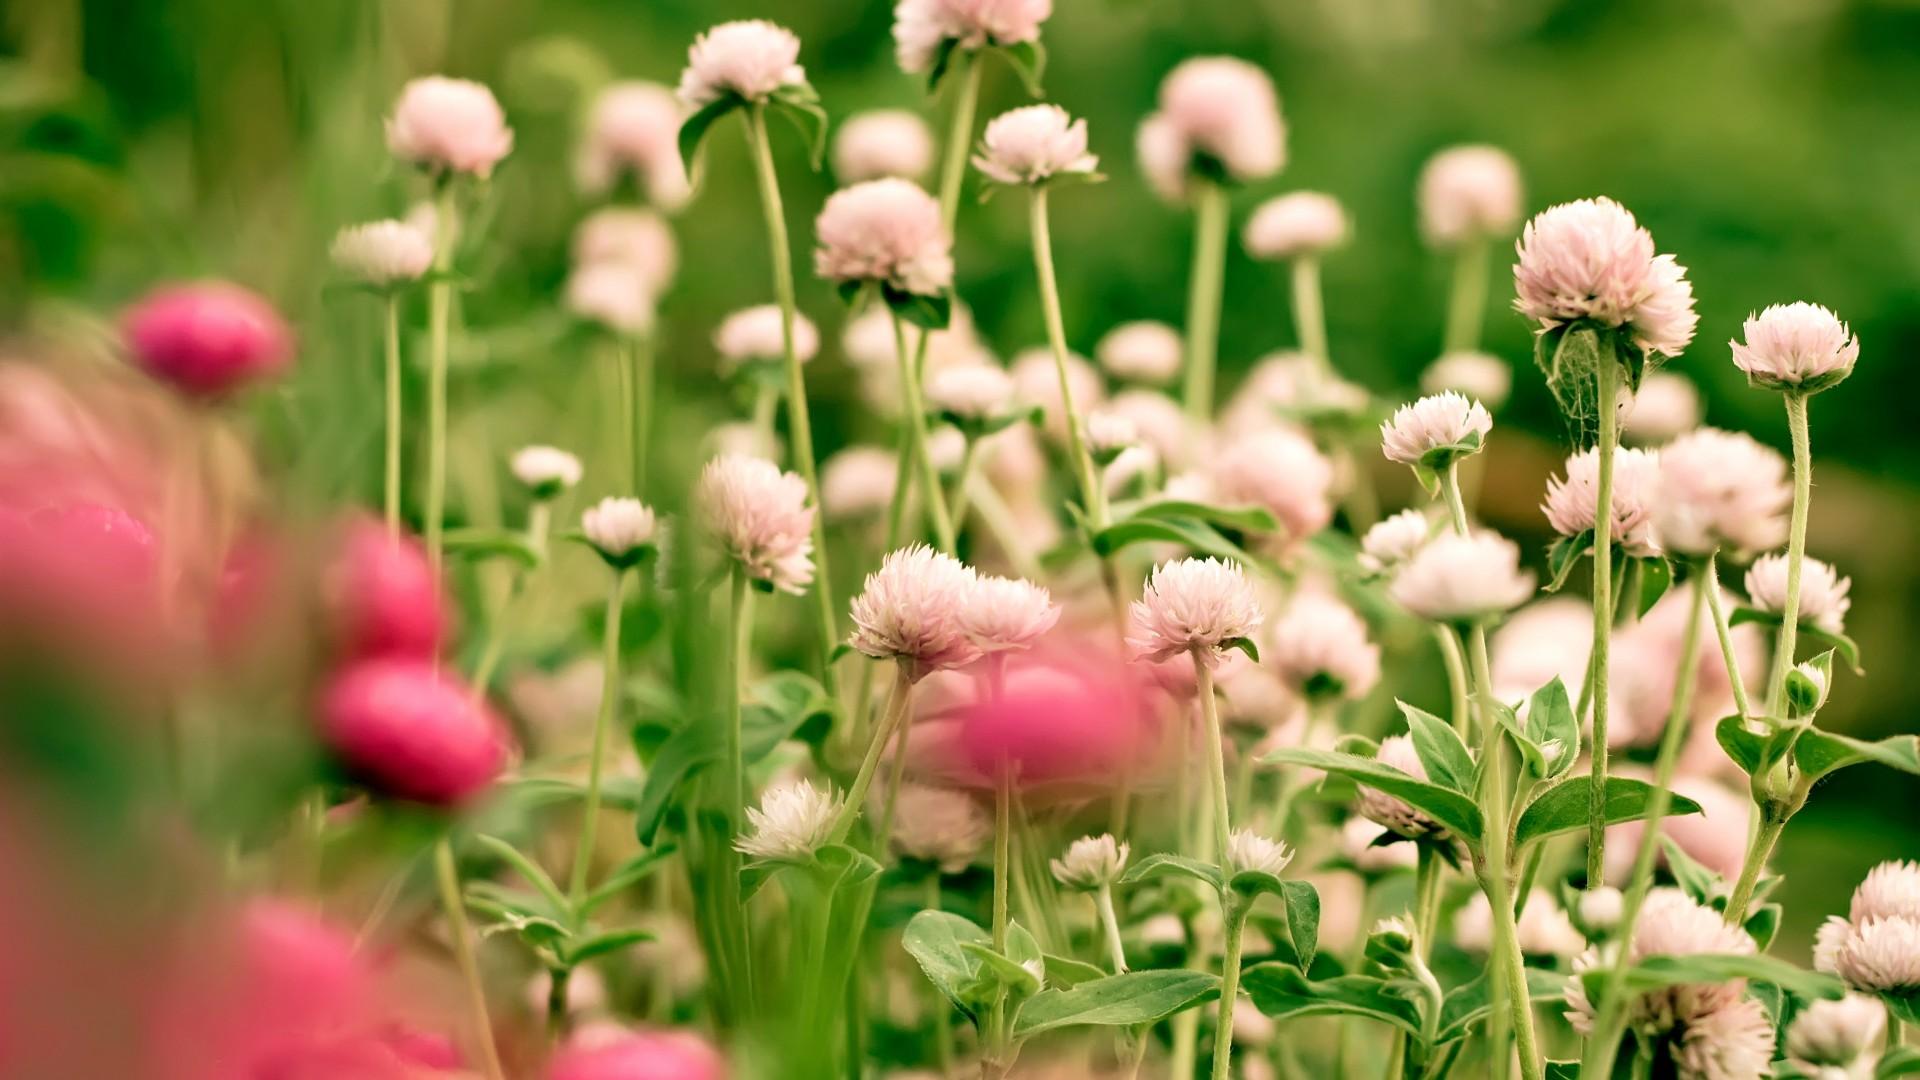 Цветы клевер  № 1341258 загрузить